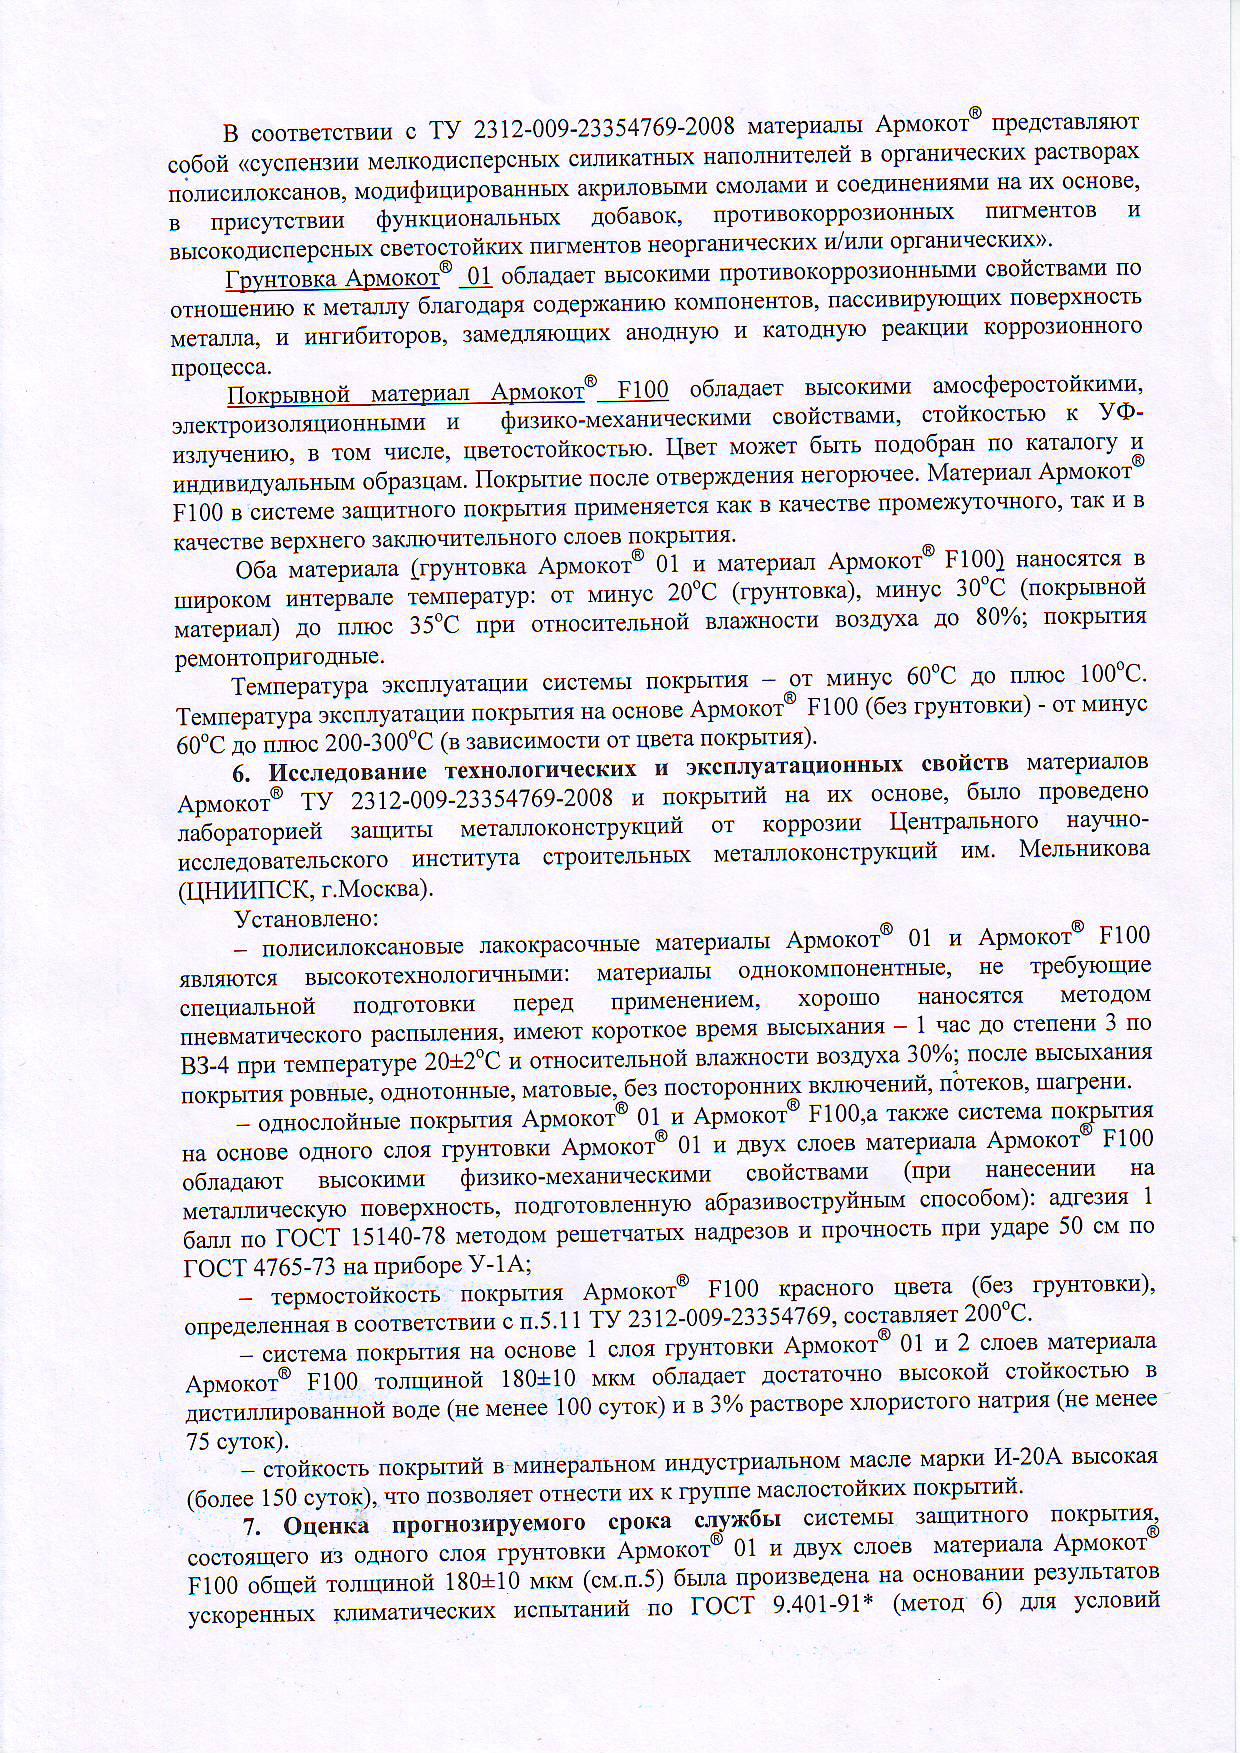 ЦНИИС-МОСТЫ заключение на систему Армокот 01-F100 25 лет 3 лист